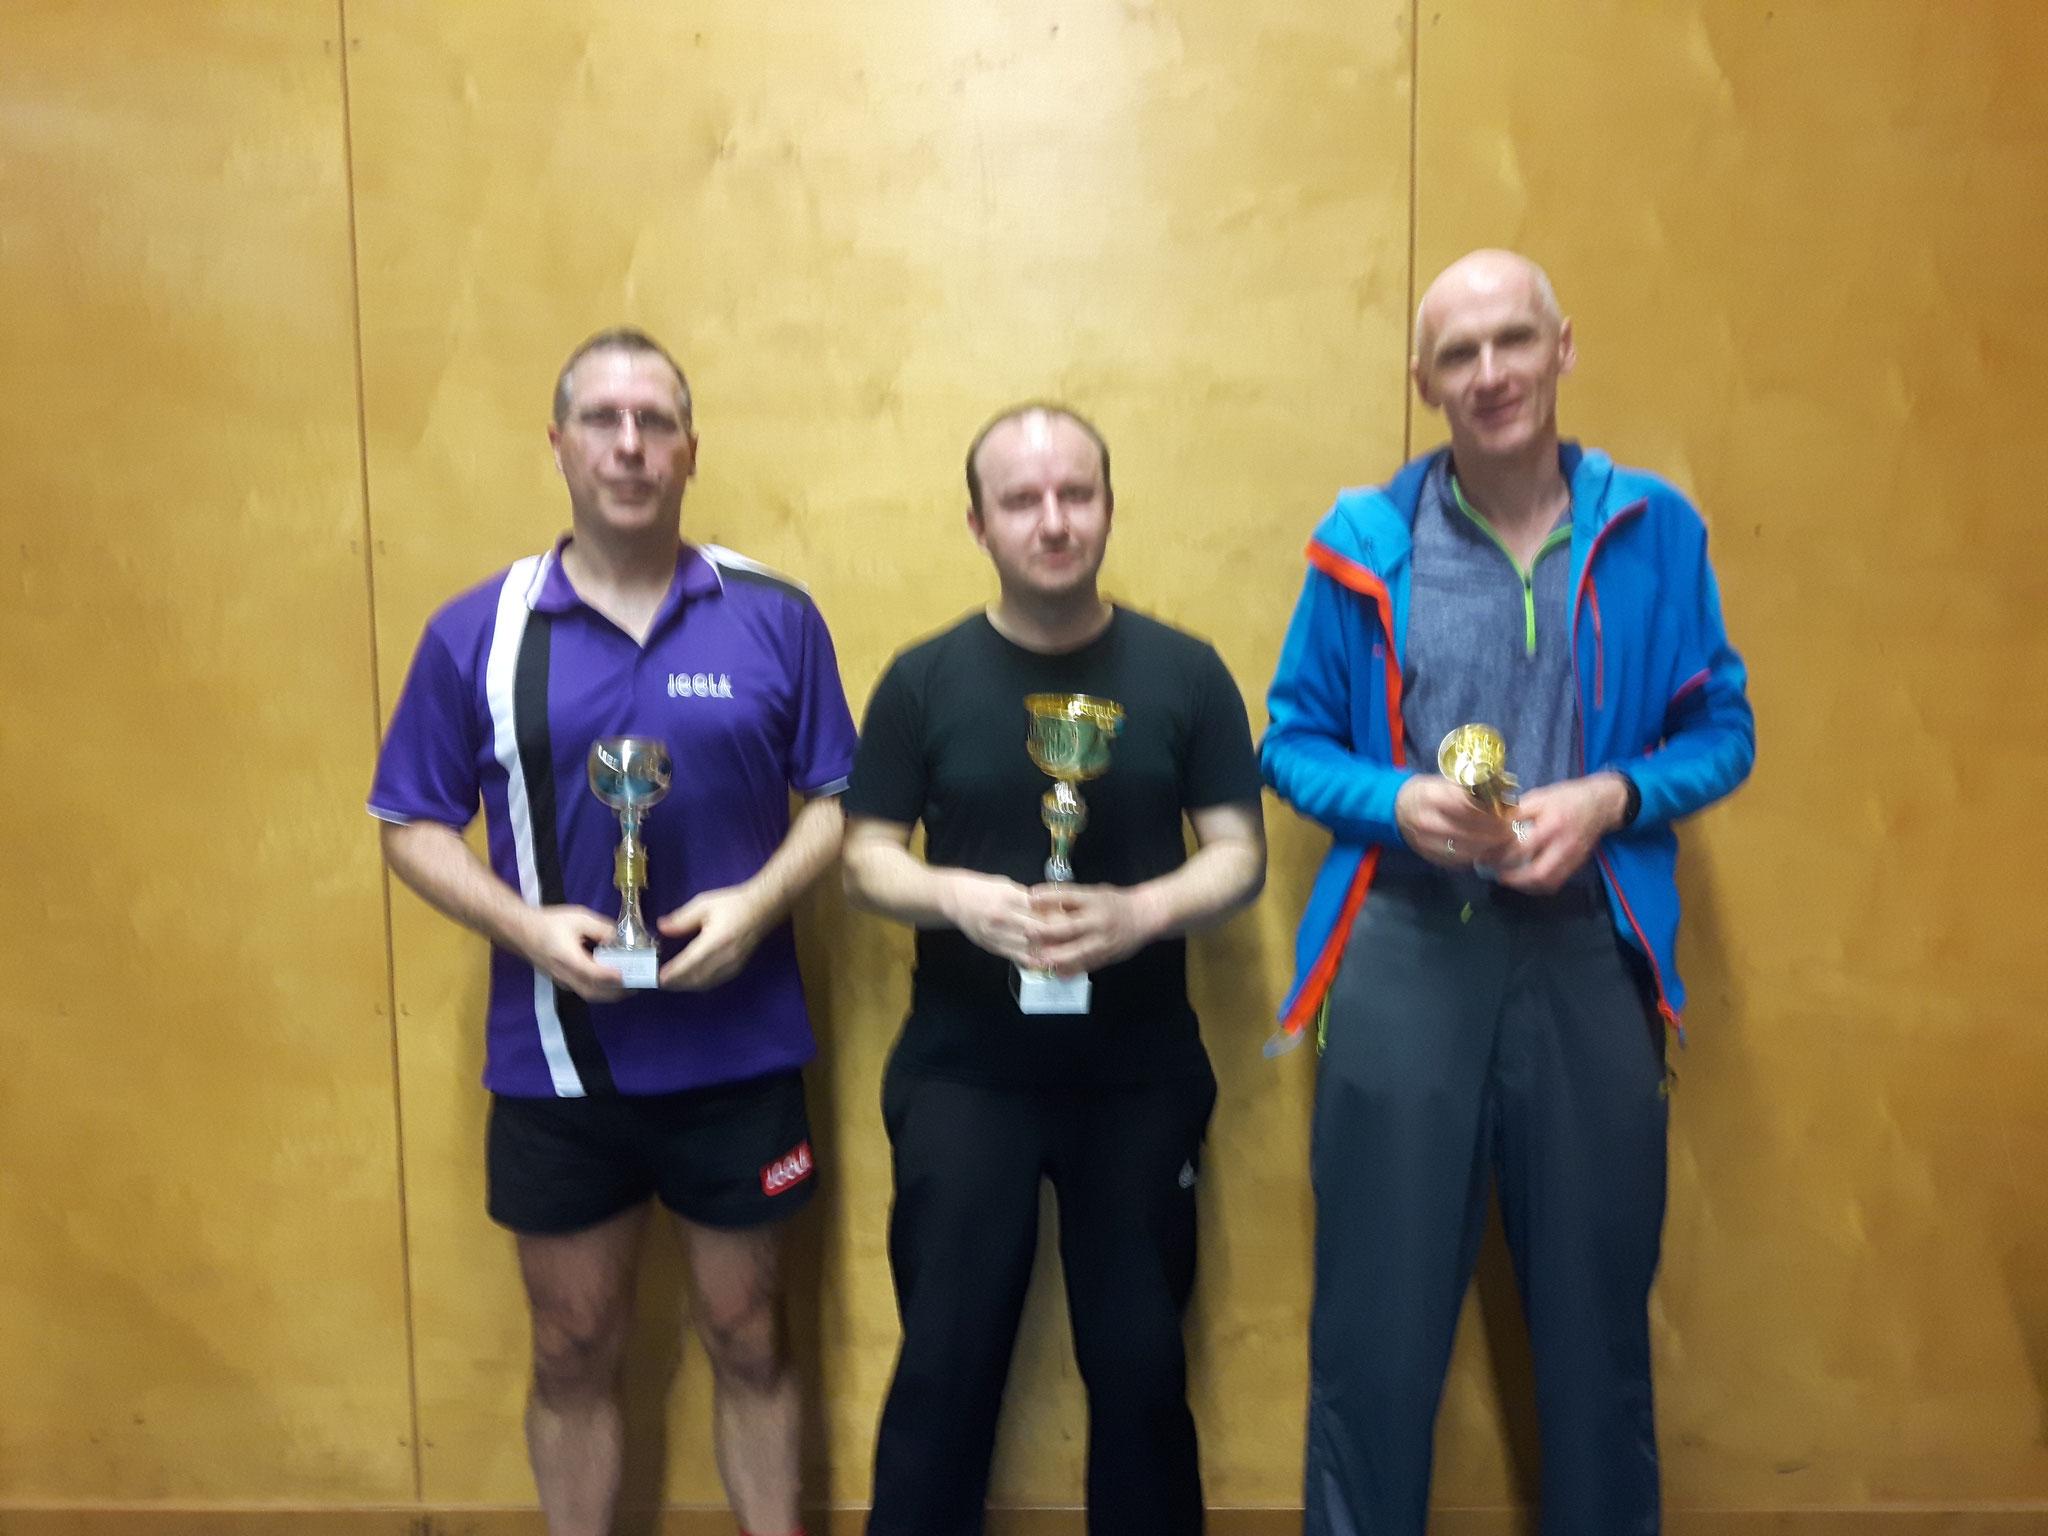 Siegerfoto Bewerb D: v.l.n.r. Christian Börner (WPAE) (Platz 2), Pawel Piotr Galek (LENZ) (Sieger), Roland Reisch (TULL) (Platz 3)